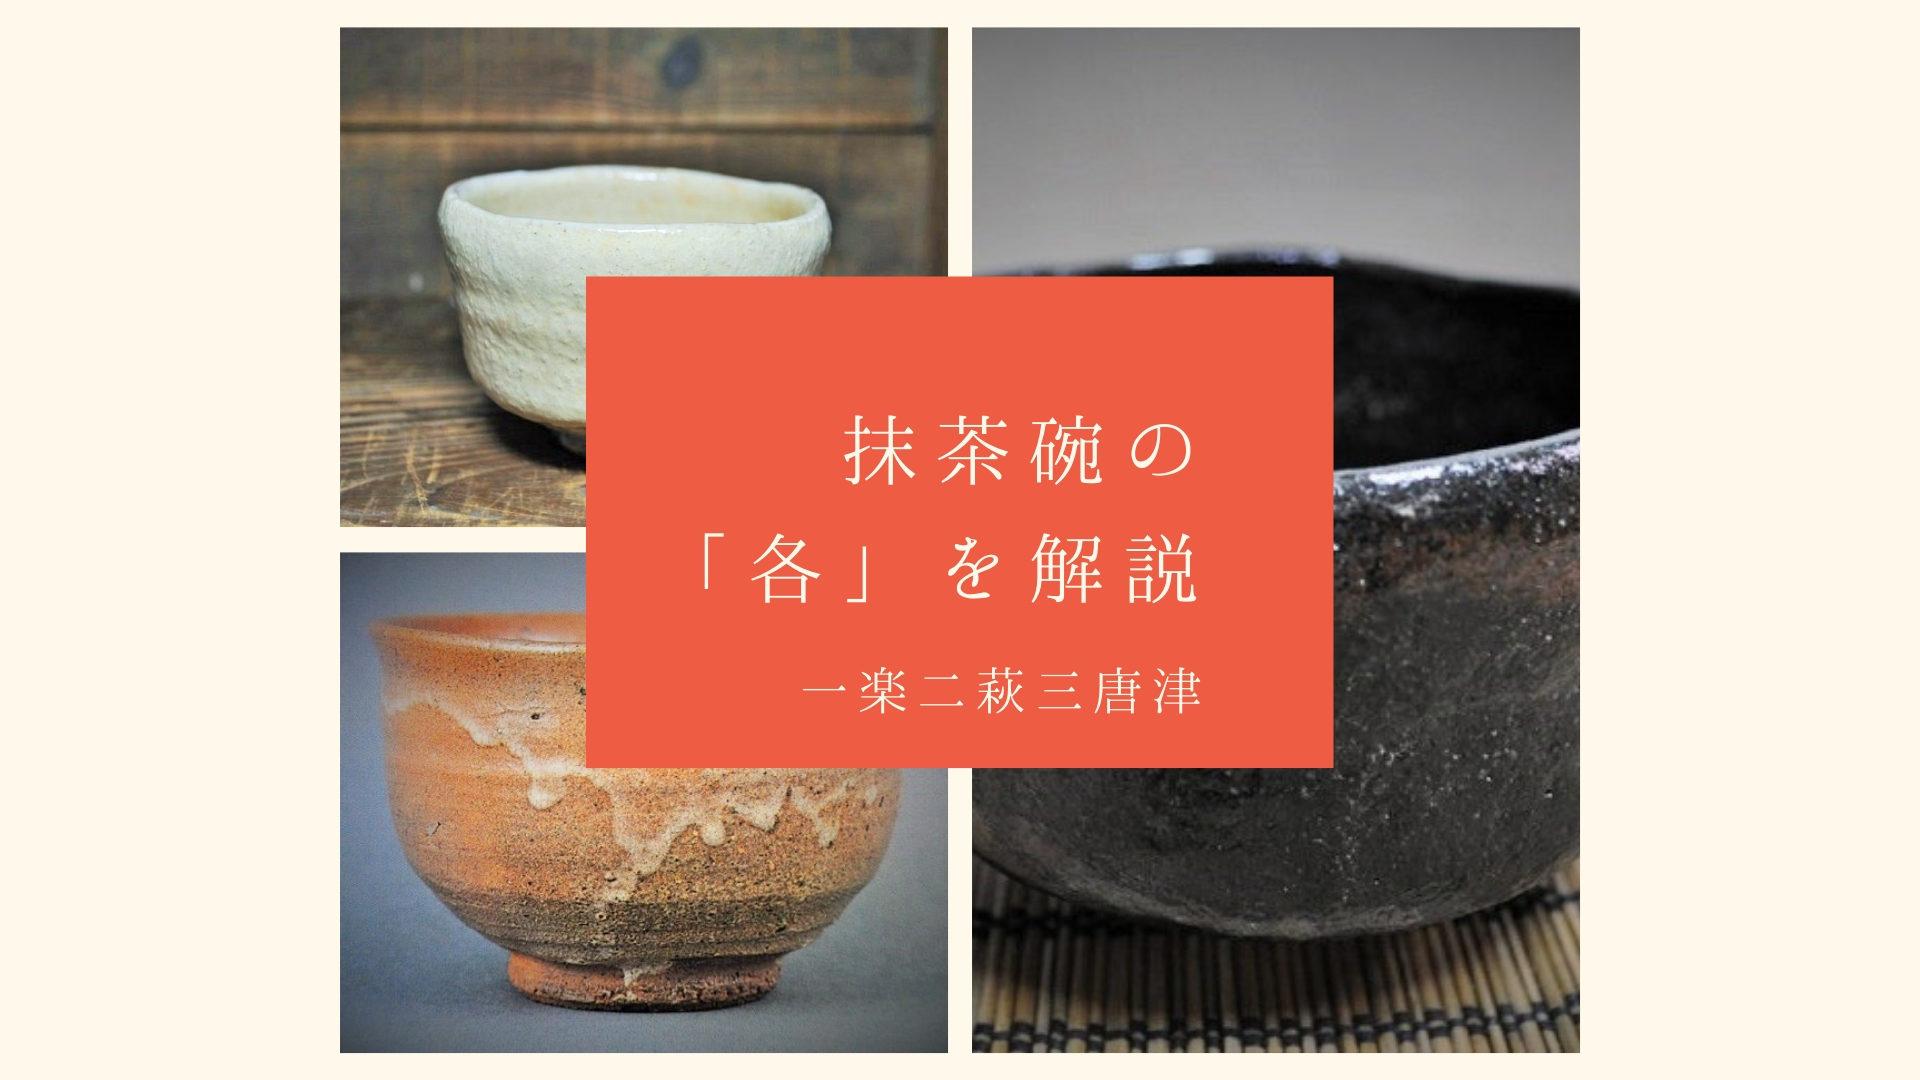 楽焼萩焼唐津焼の茶碗の画像